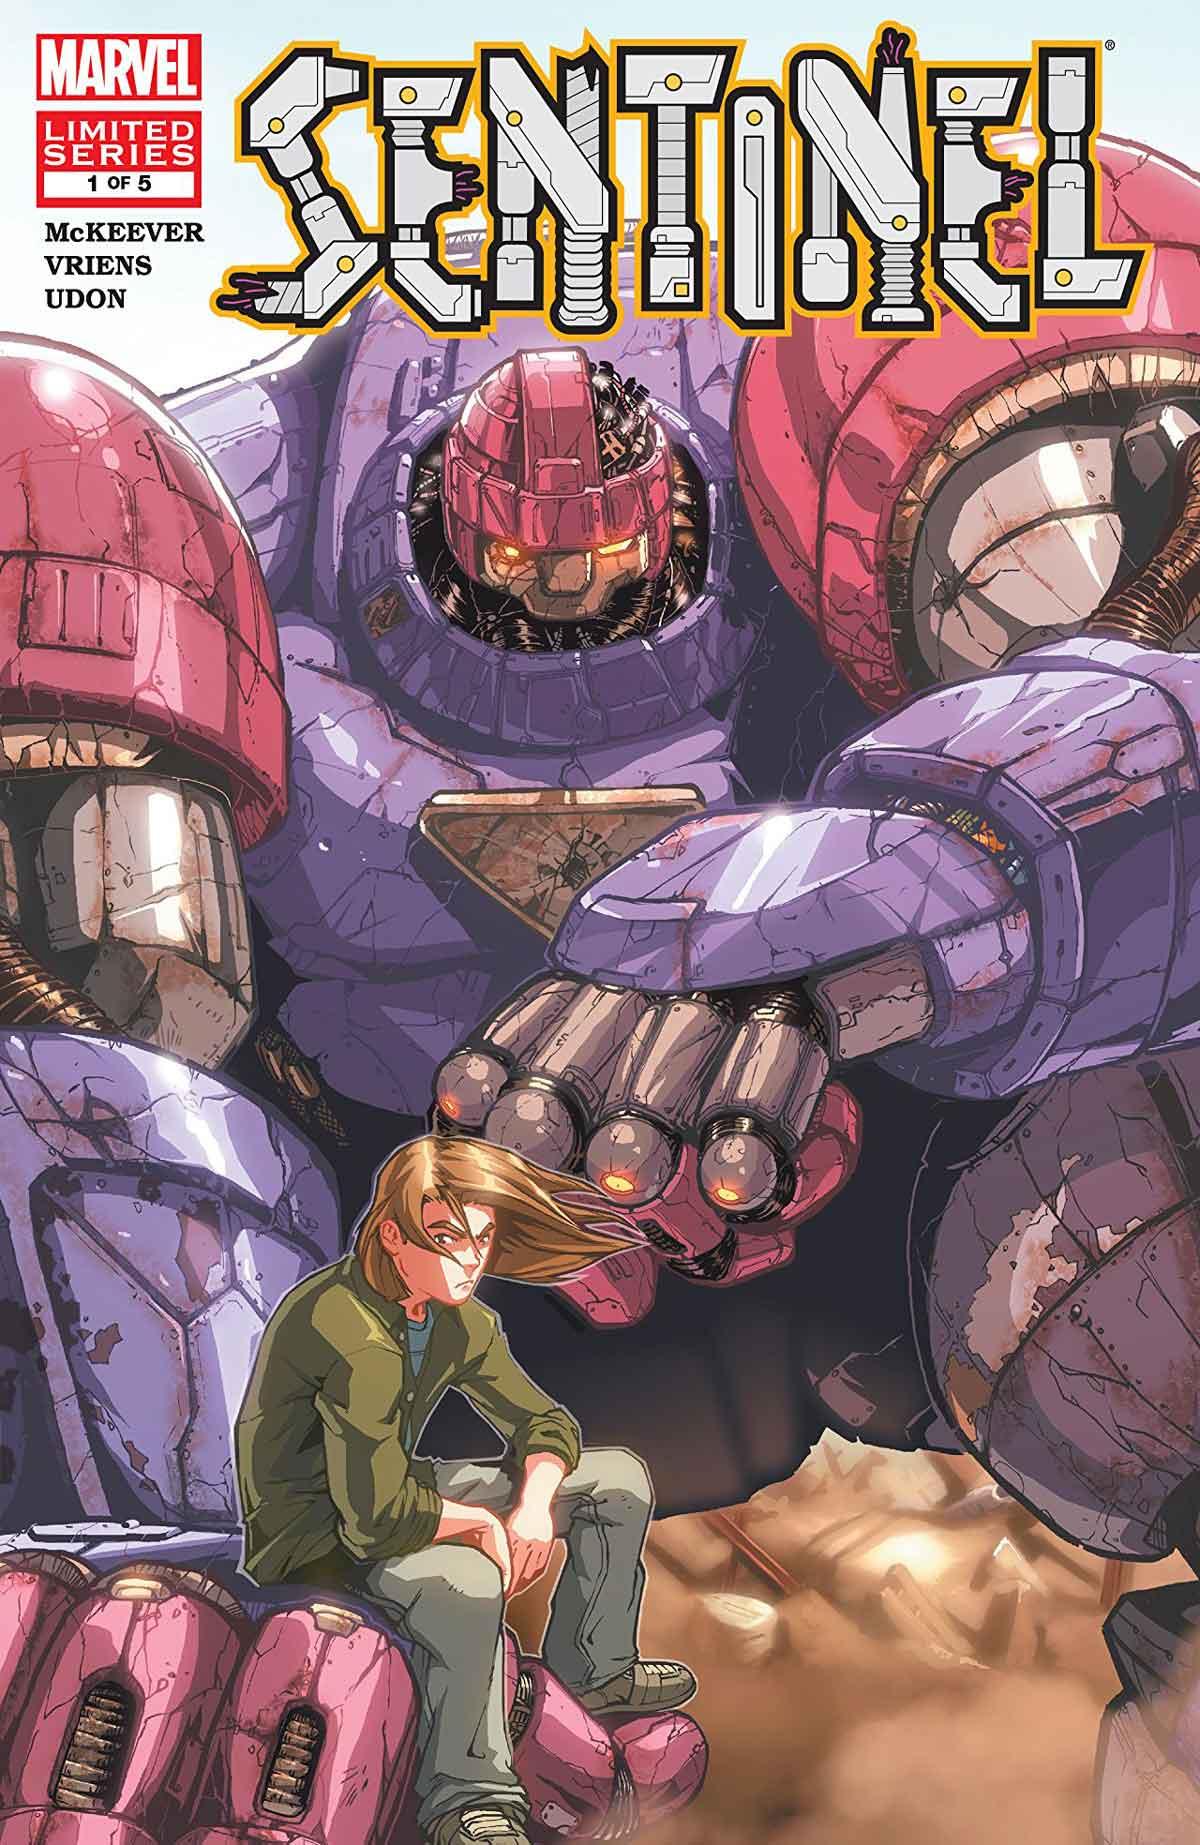 niveles de poder mutante Sentinel de Sean McKeever y Udon